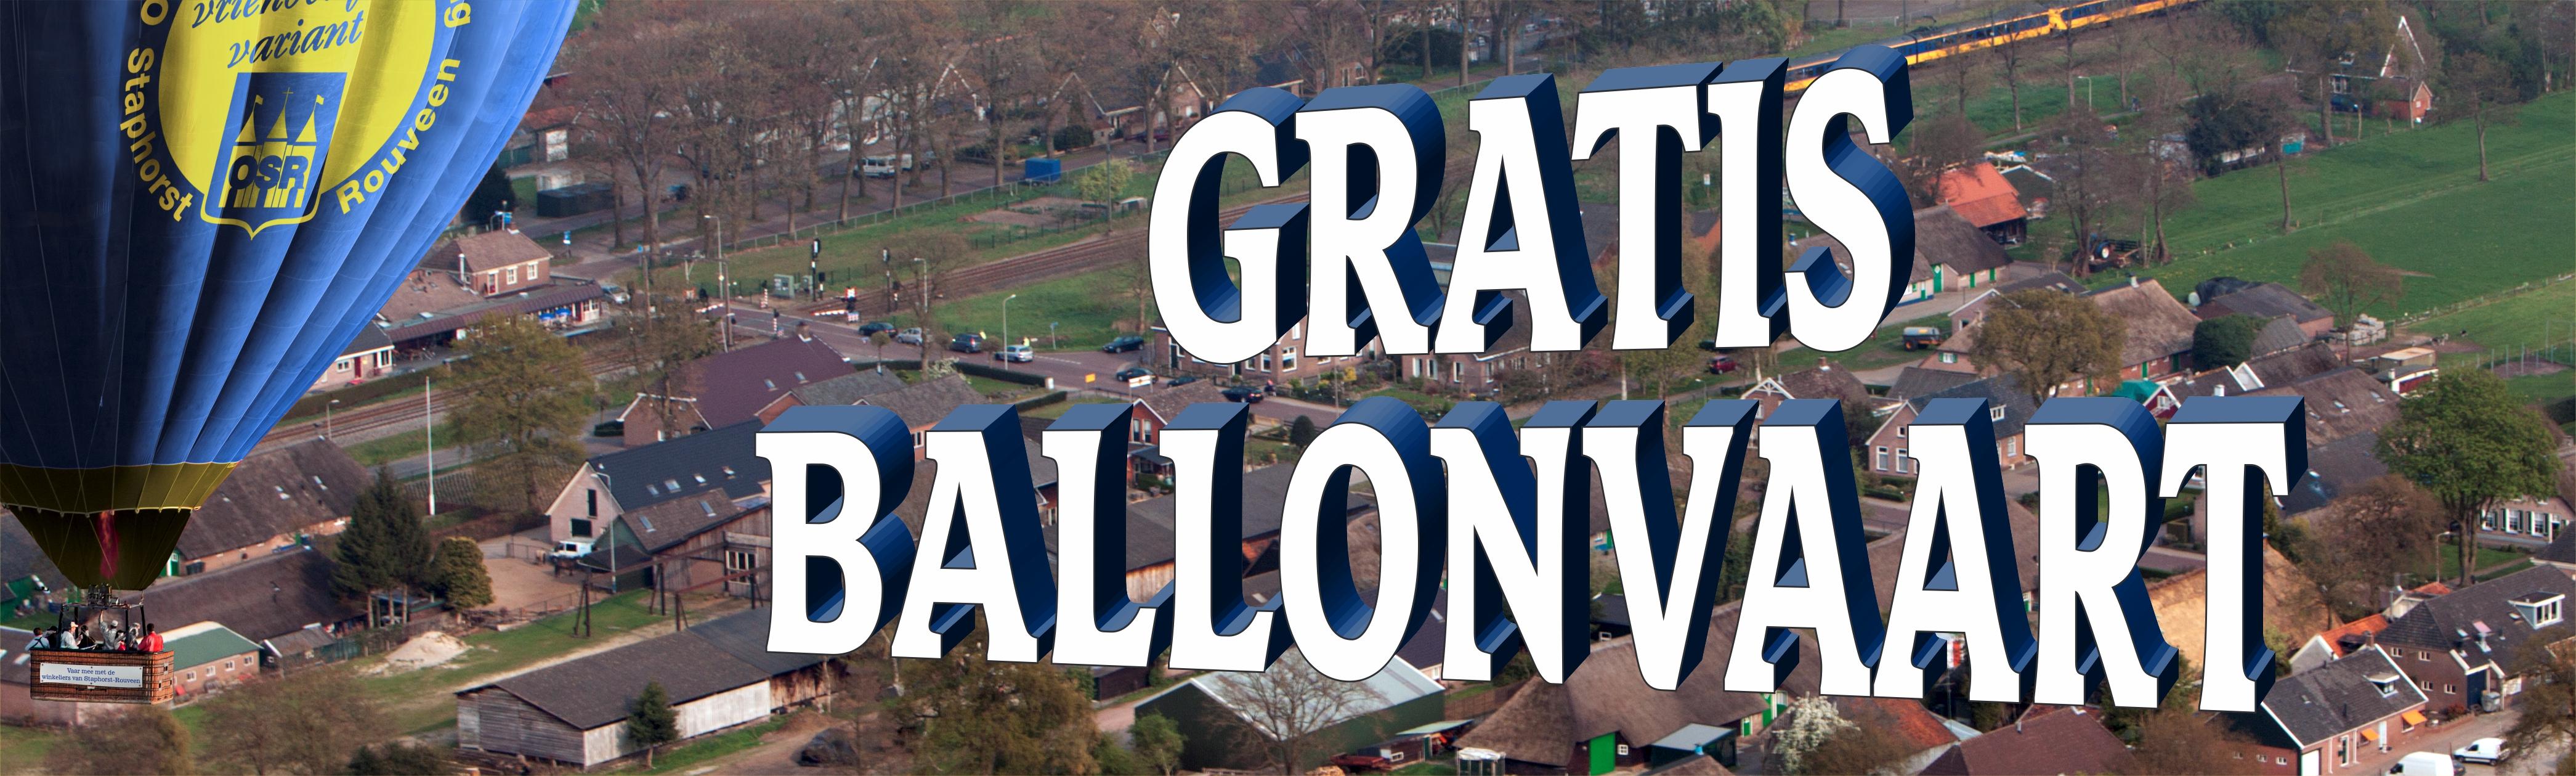 Gratis Ballonvaart